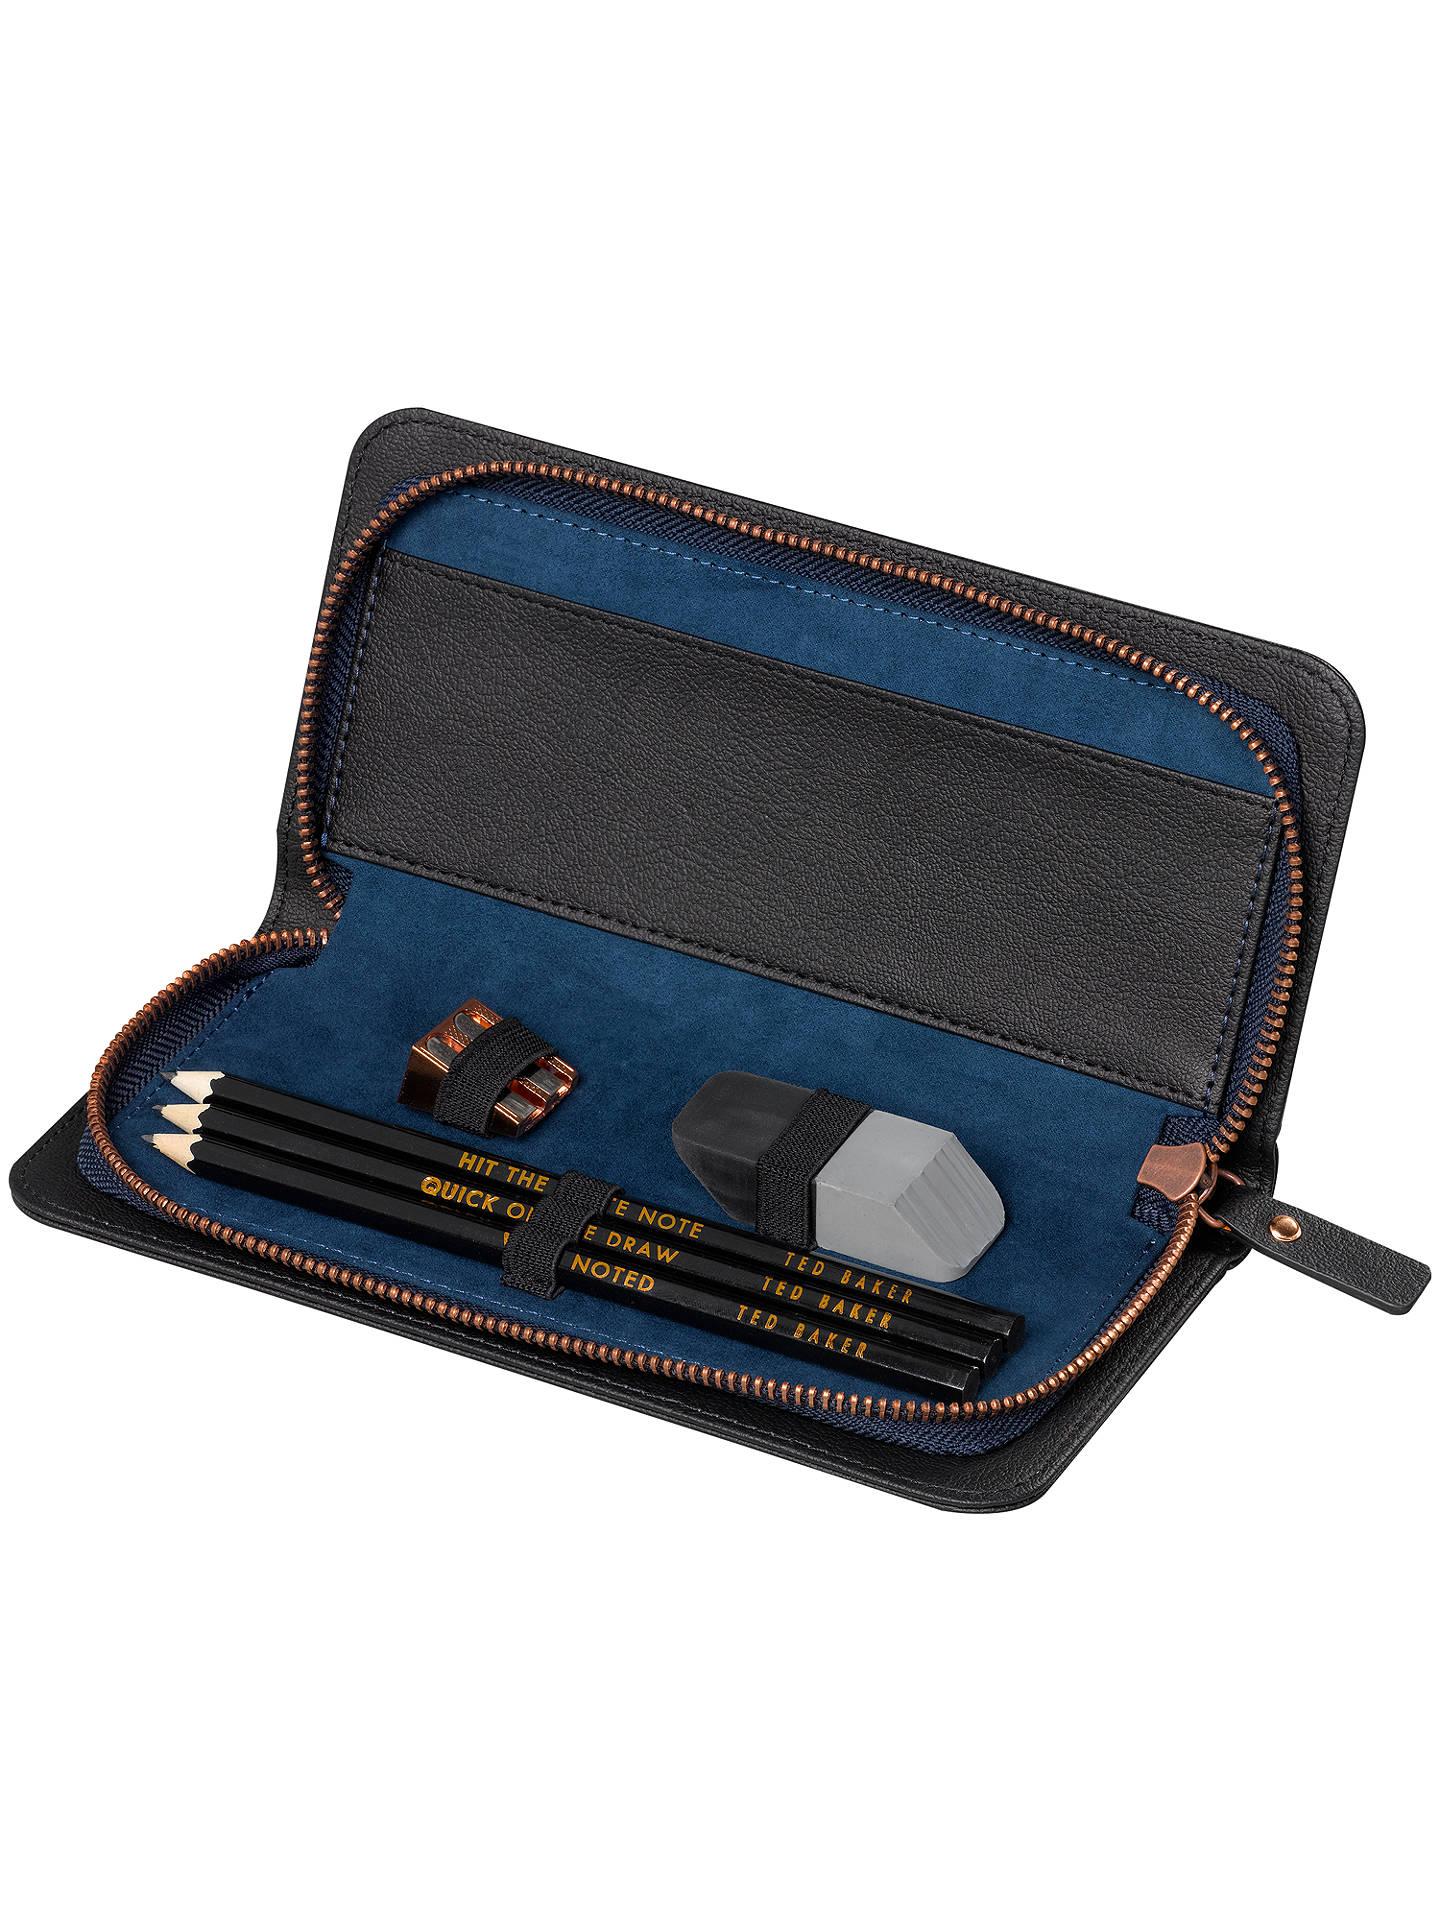 5e17ac8b6f16d Buy Ted Baker Brogue Pencil Case